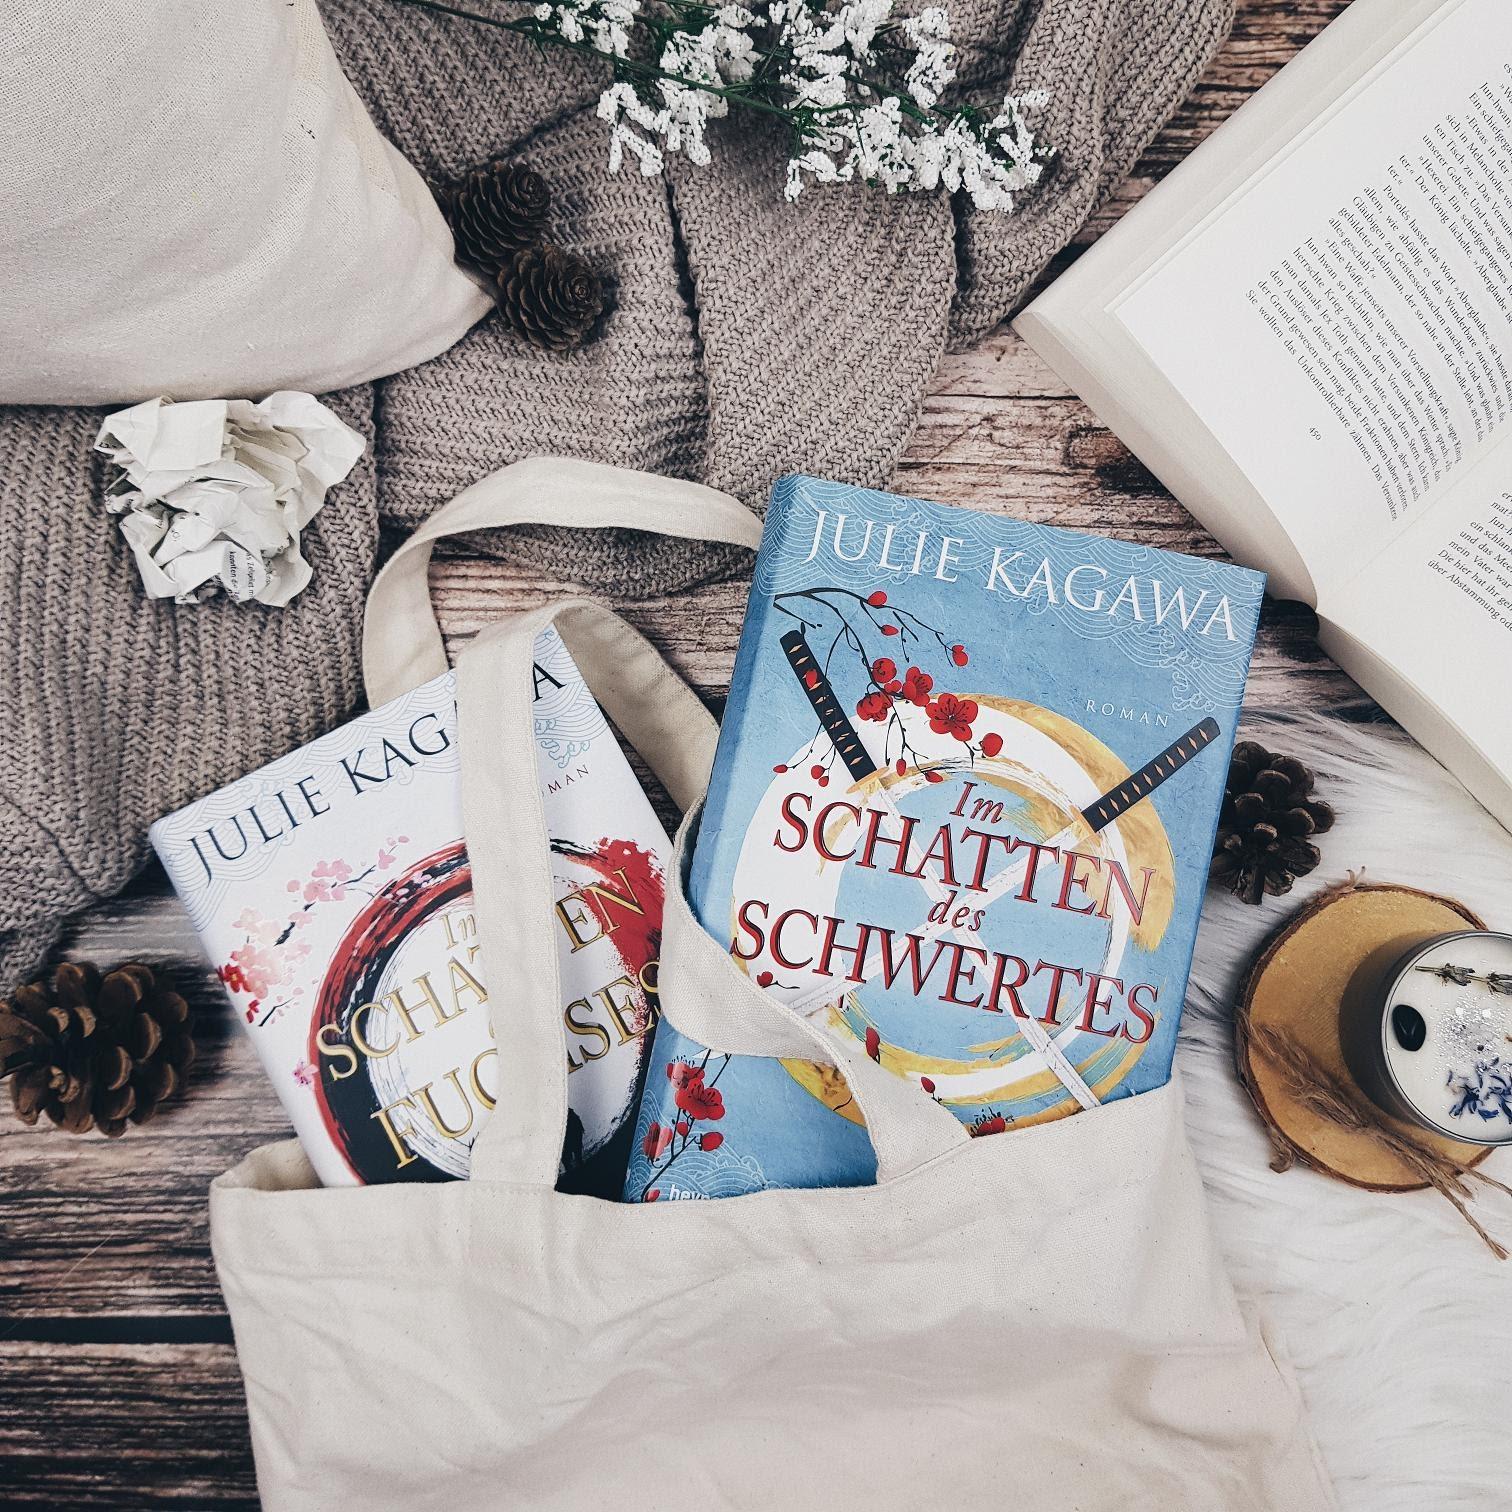 Bücherblog. Rezension. Buchcover. Im Schatten des Schwertes (Band 2) von Julie Kagawa. Jugendbuch. Fantasy. Heyne fliegt.